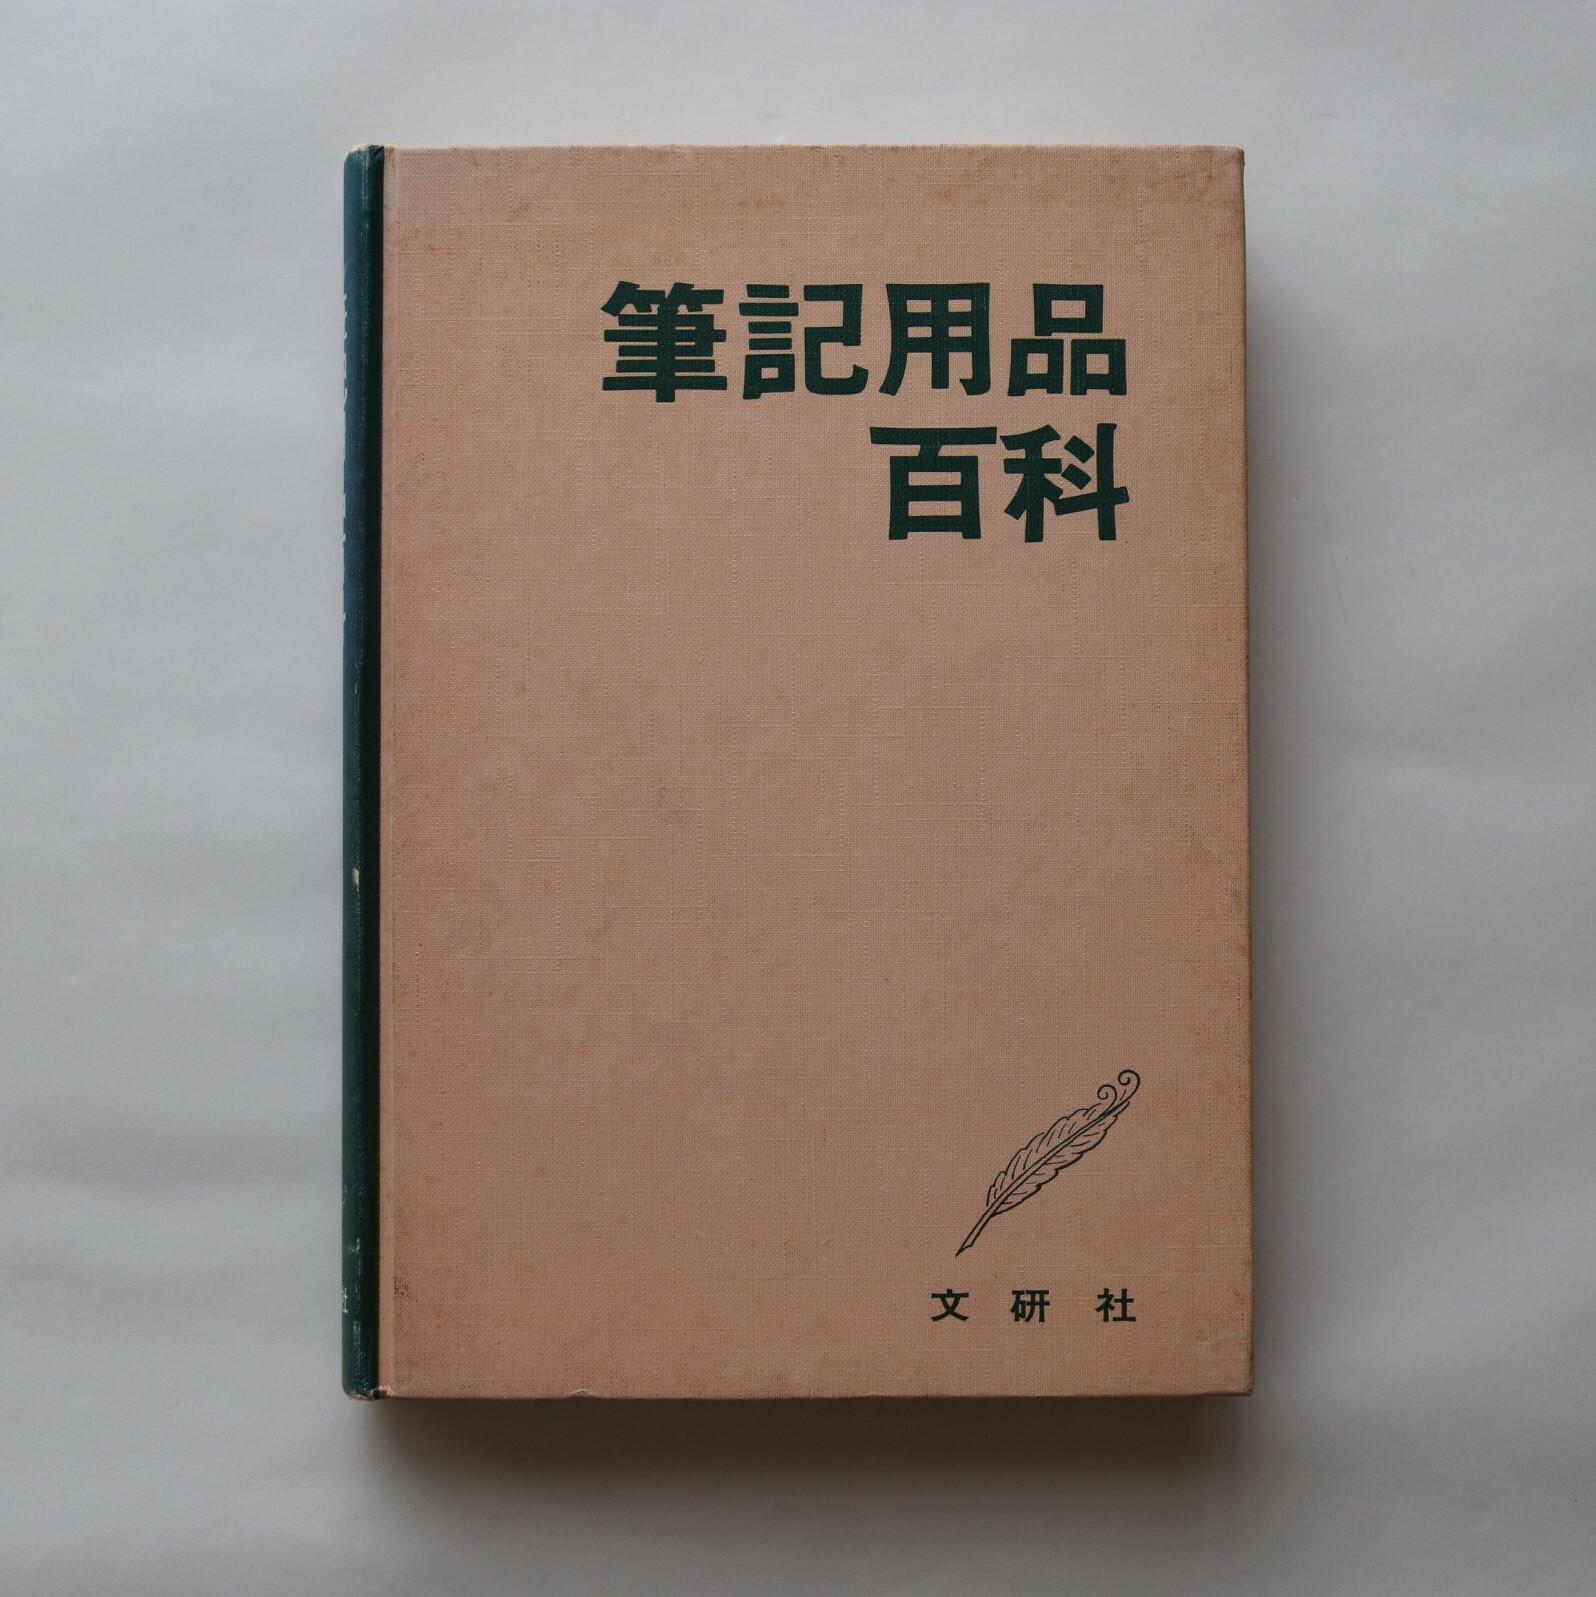 筆記用品百科 / 文研社 (編集)